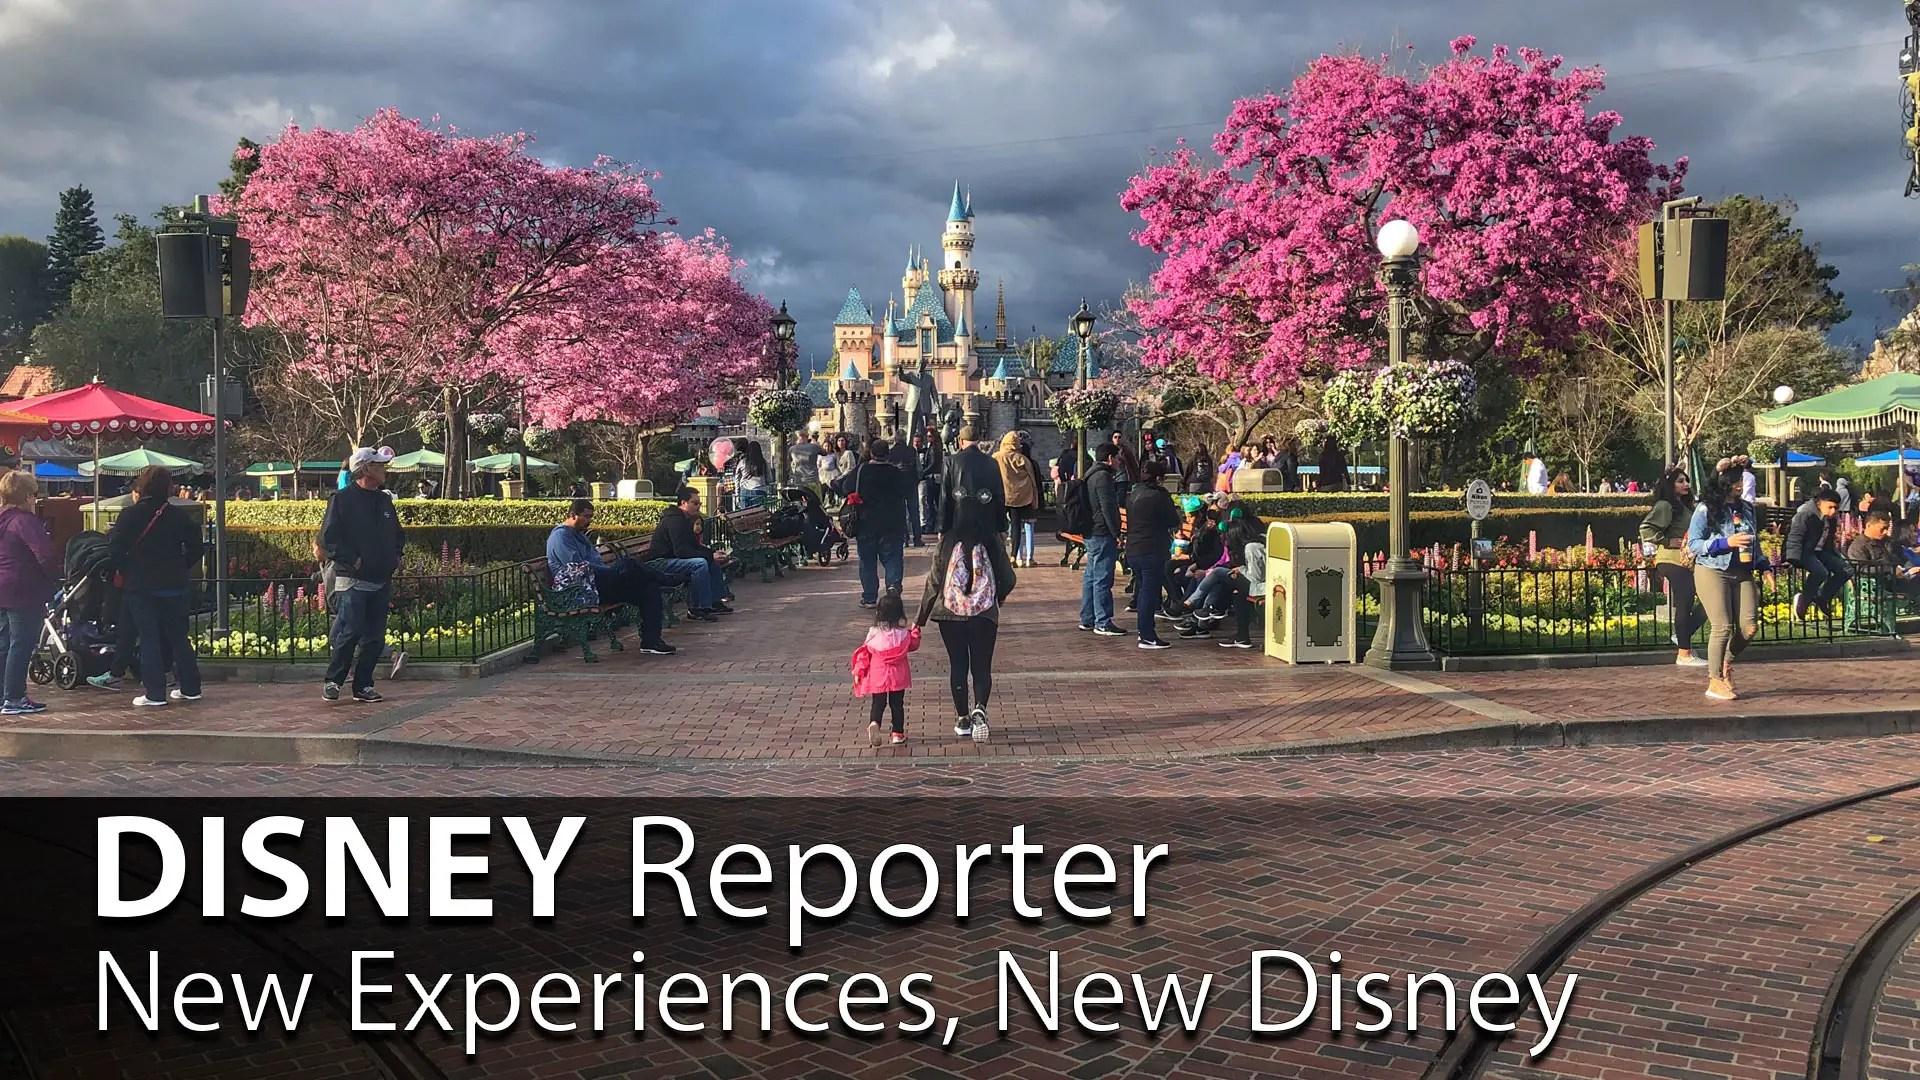 New Experiences, New Disney – DISNEY Reporter